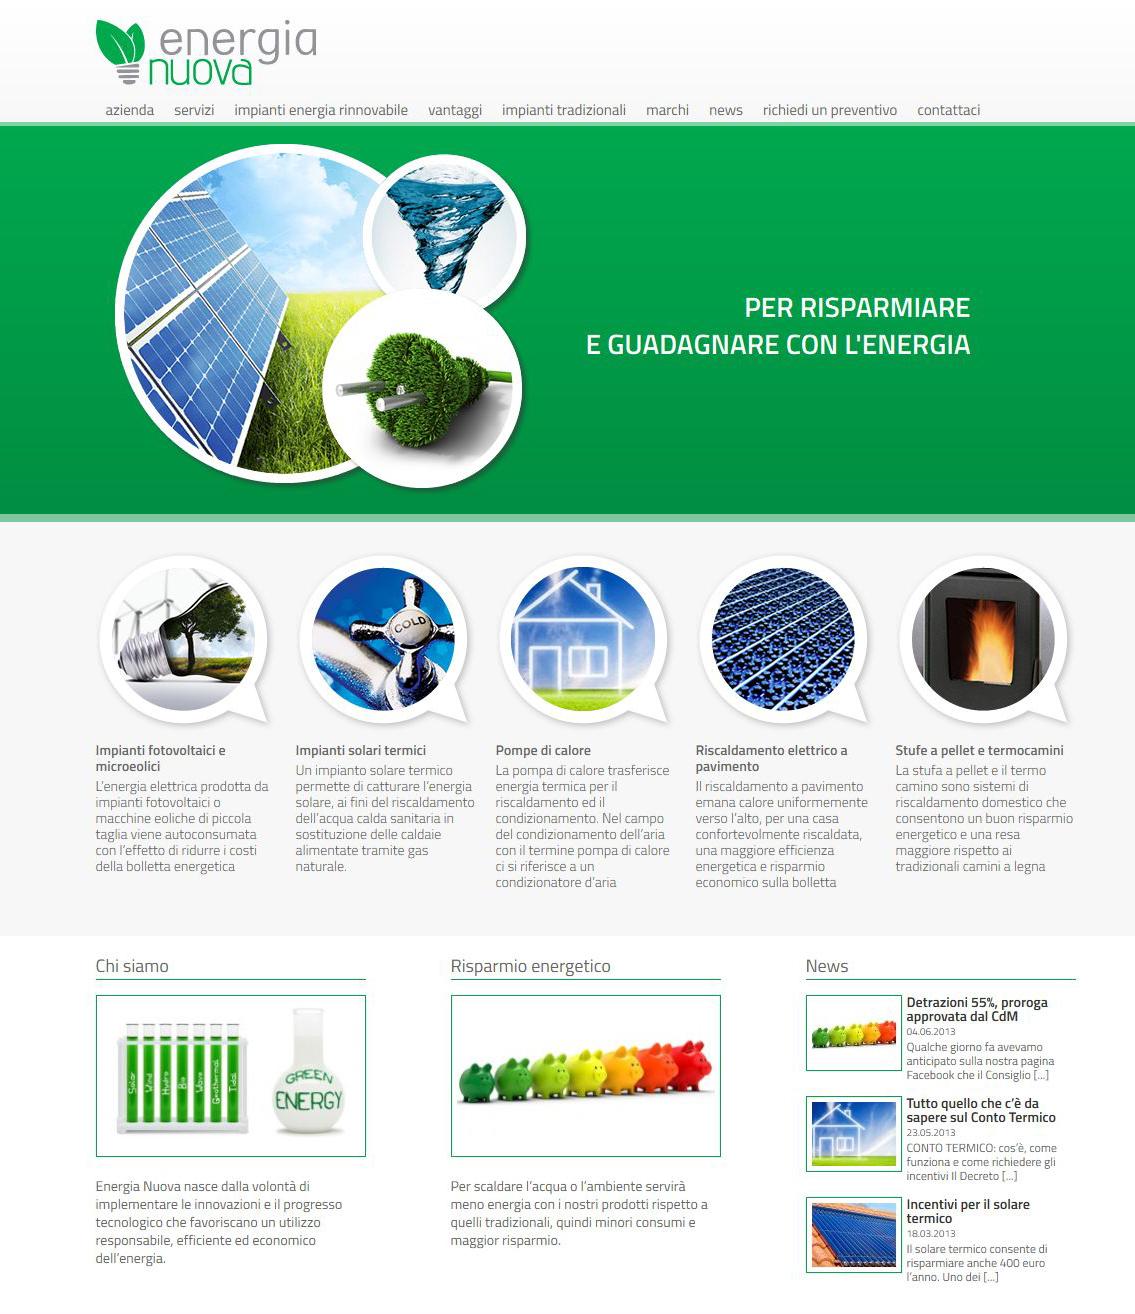 Proroga e aumento delle detrazioni fiscali per efficienza energetica